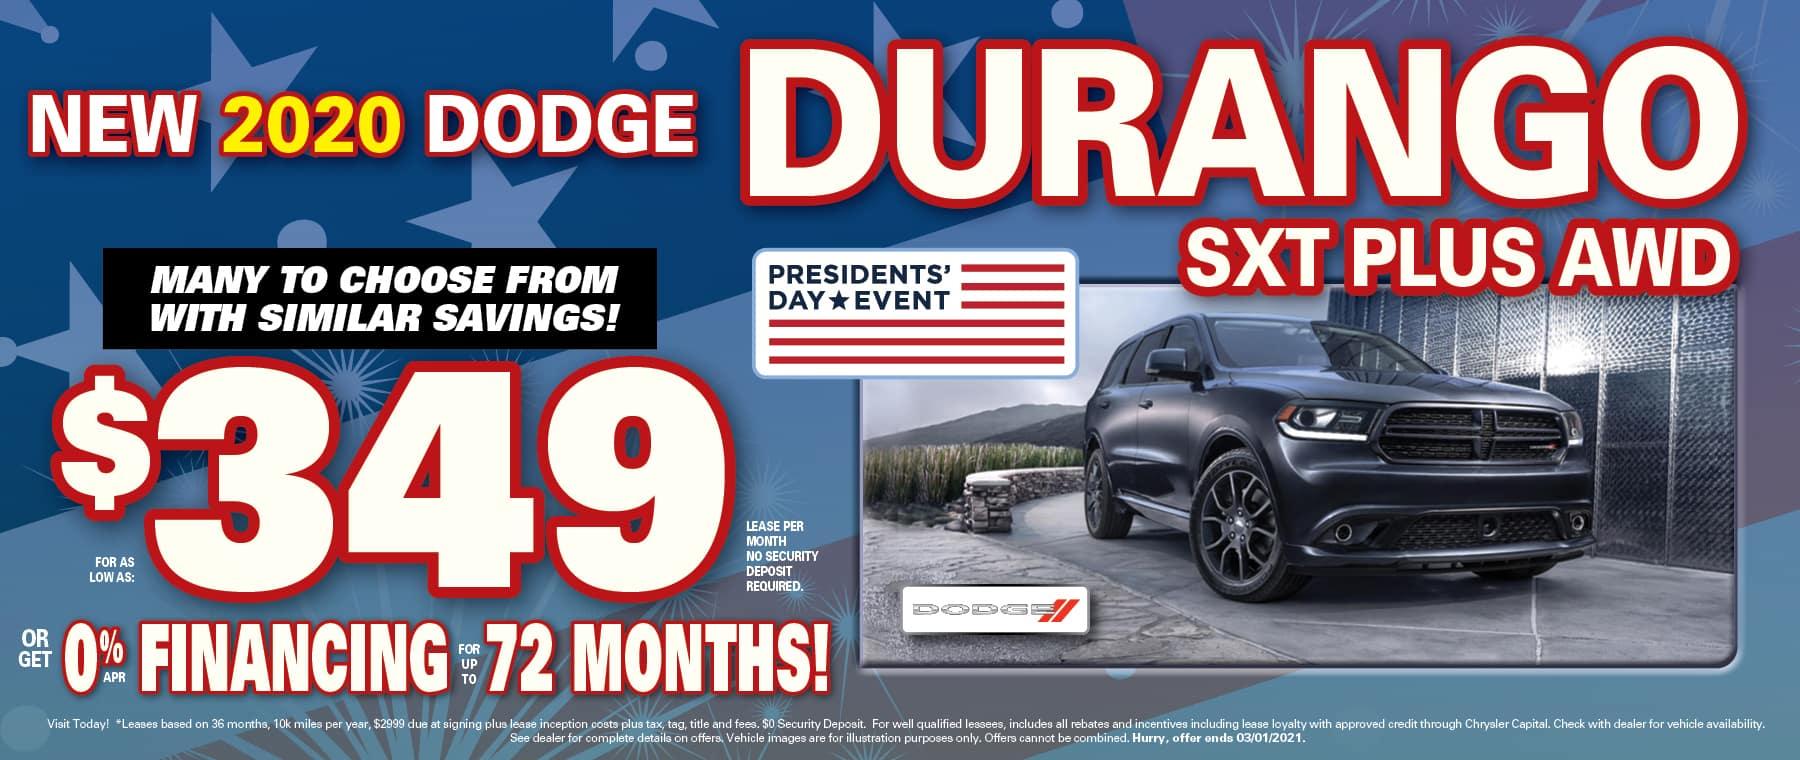 Durango $349 Lease